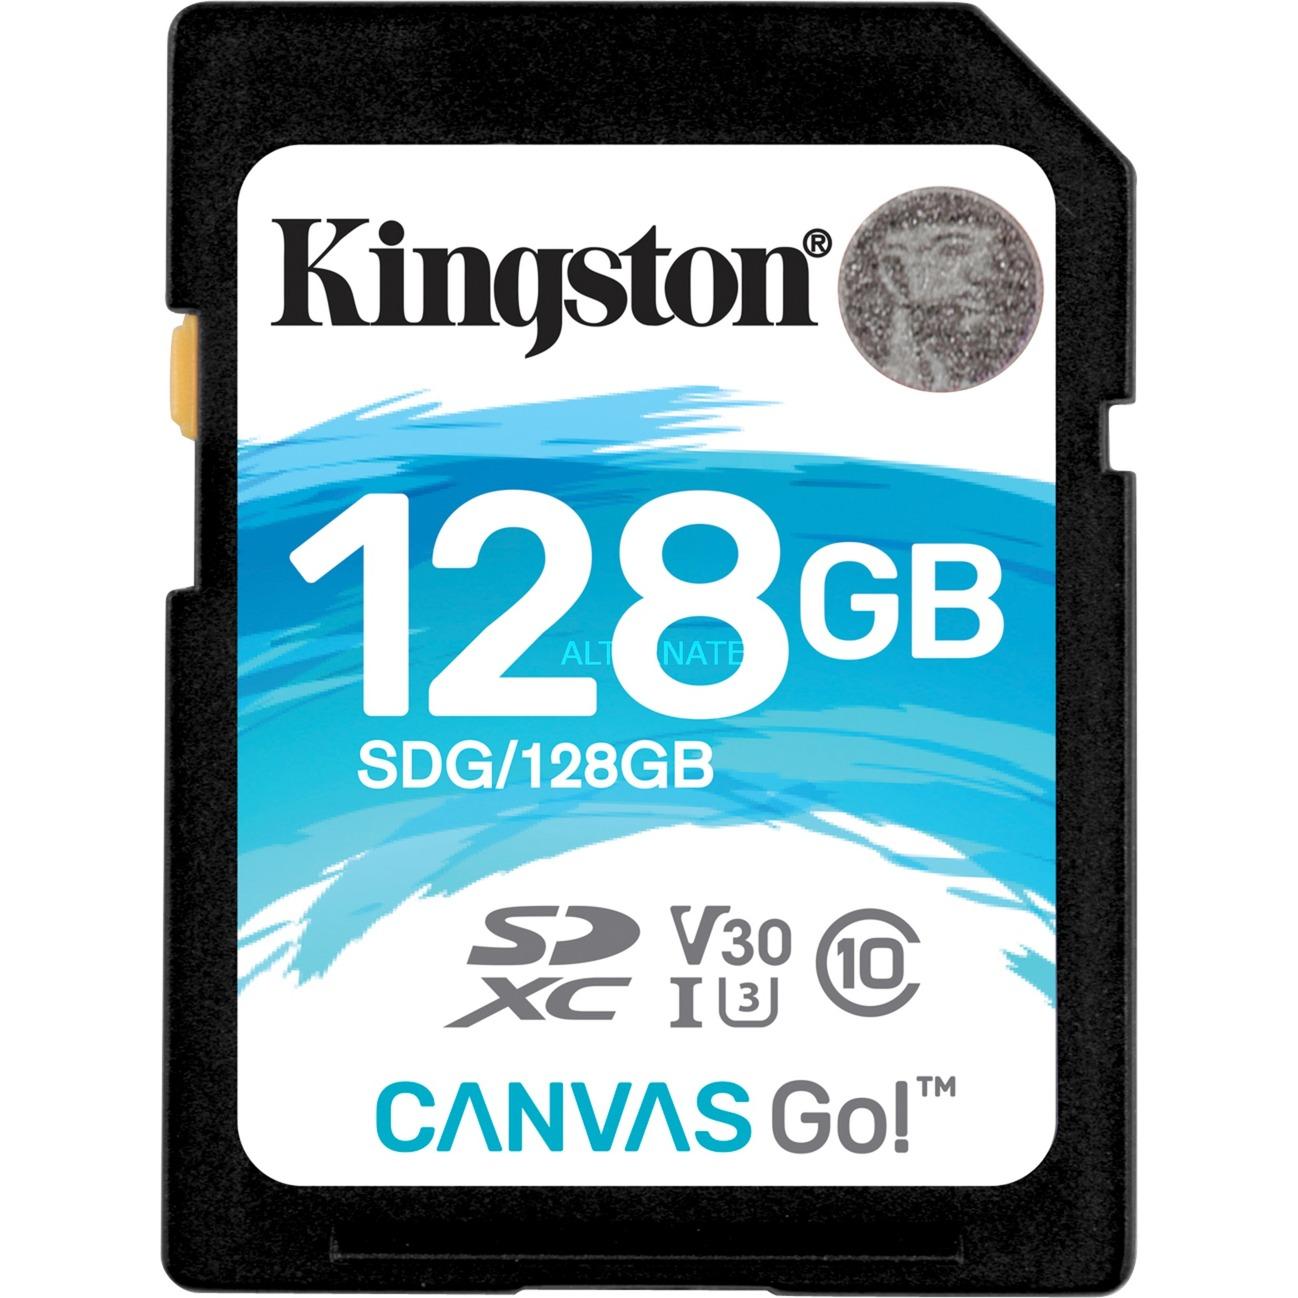 Canvas Go! memoria flash 128 GB SDXC Clase 10 UHS-I, Tarjeta de memoria